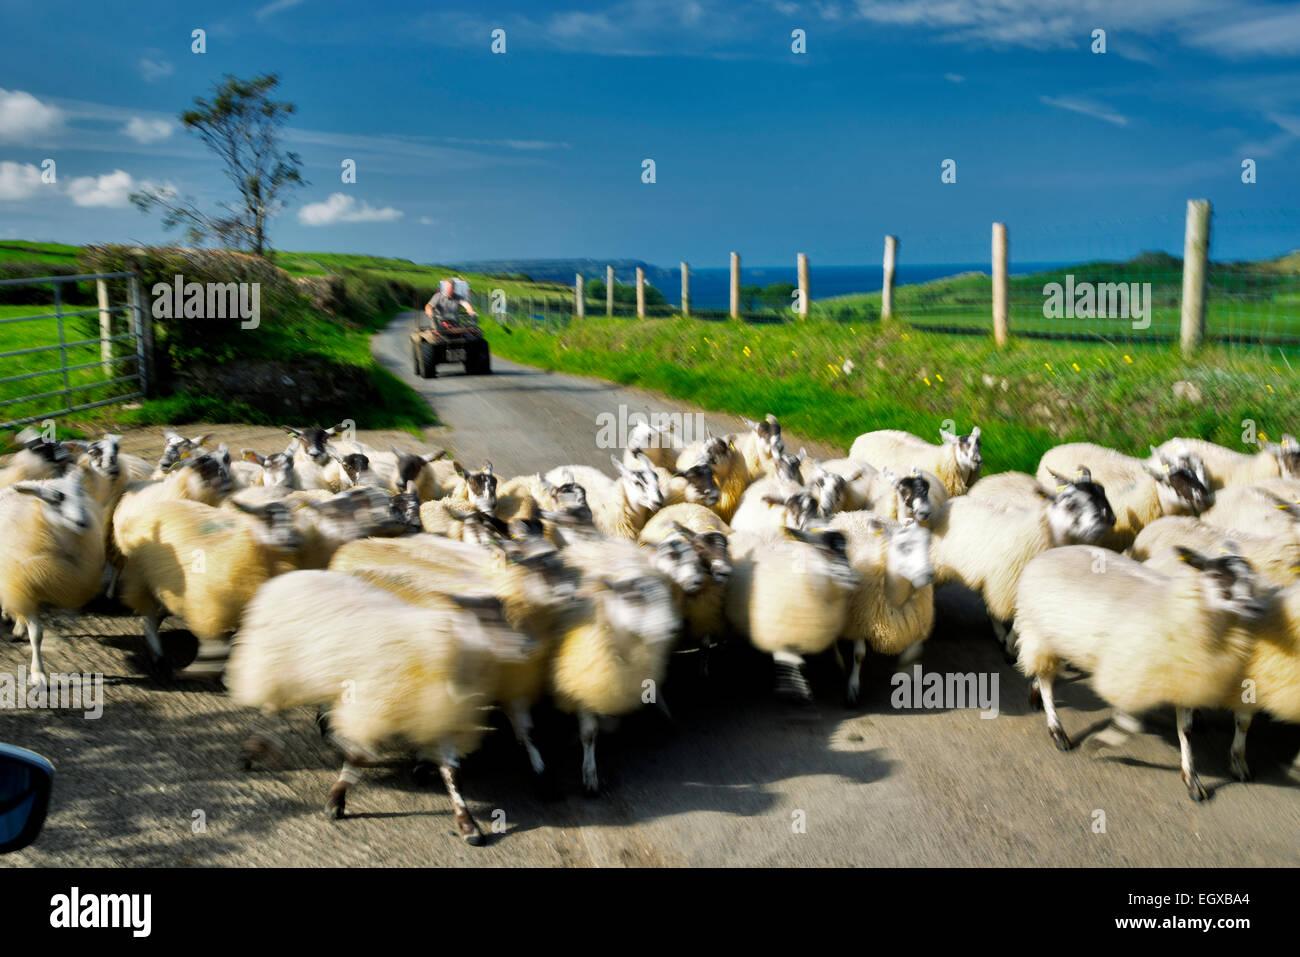 Schafe, die Straße hinunter verschoben wird. Torr Head. Nordirland. Stockbild